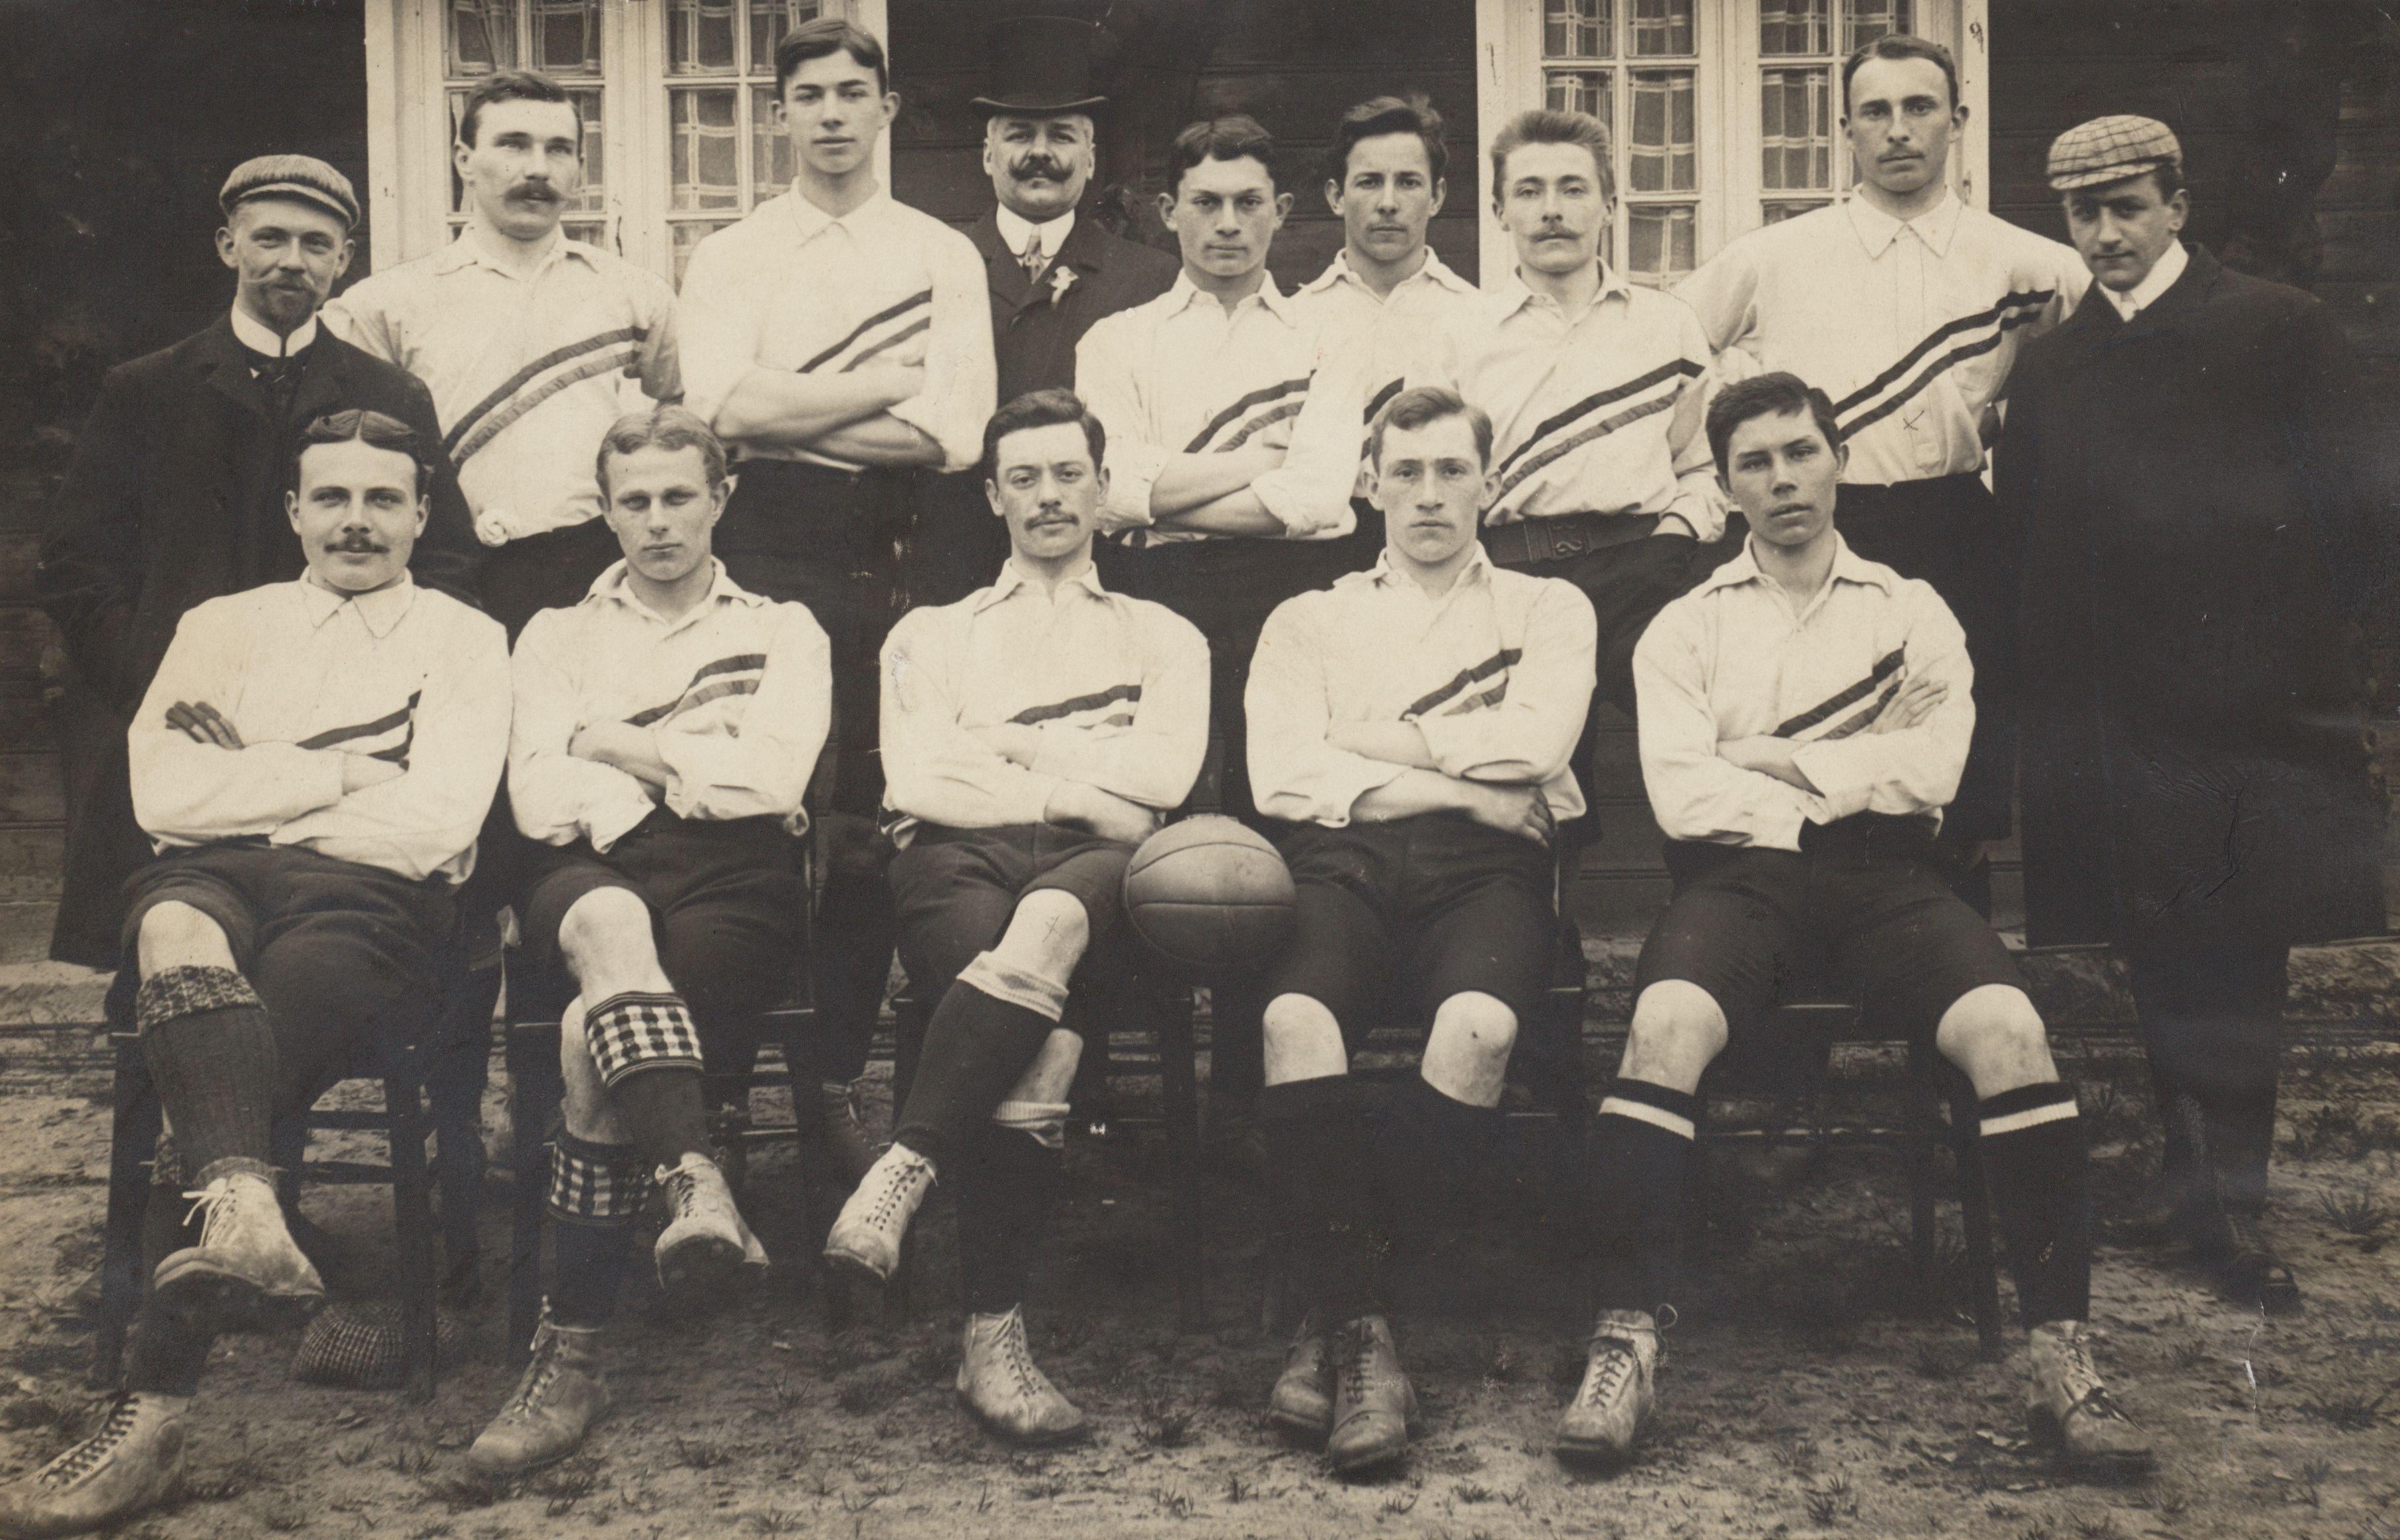 Niederländische Fußballnationalmannschaft 1905